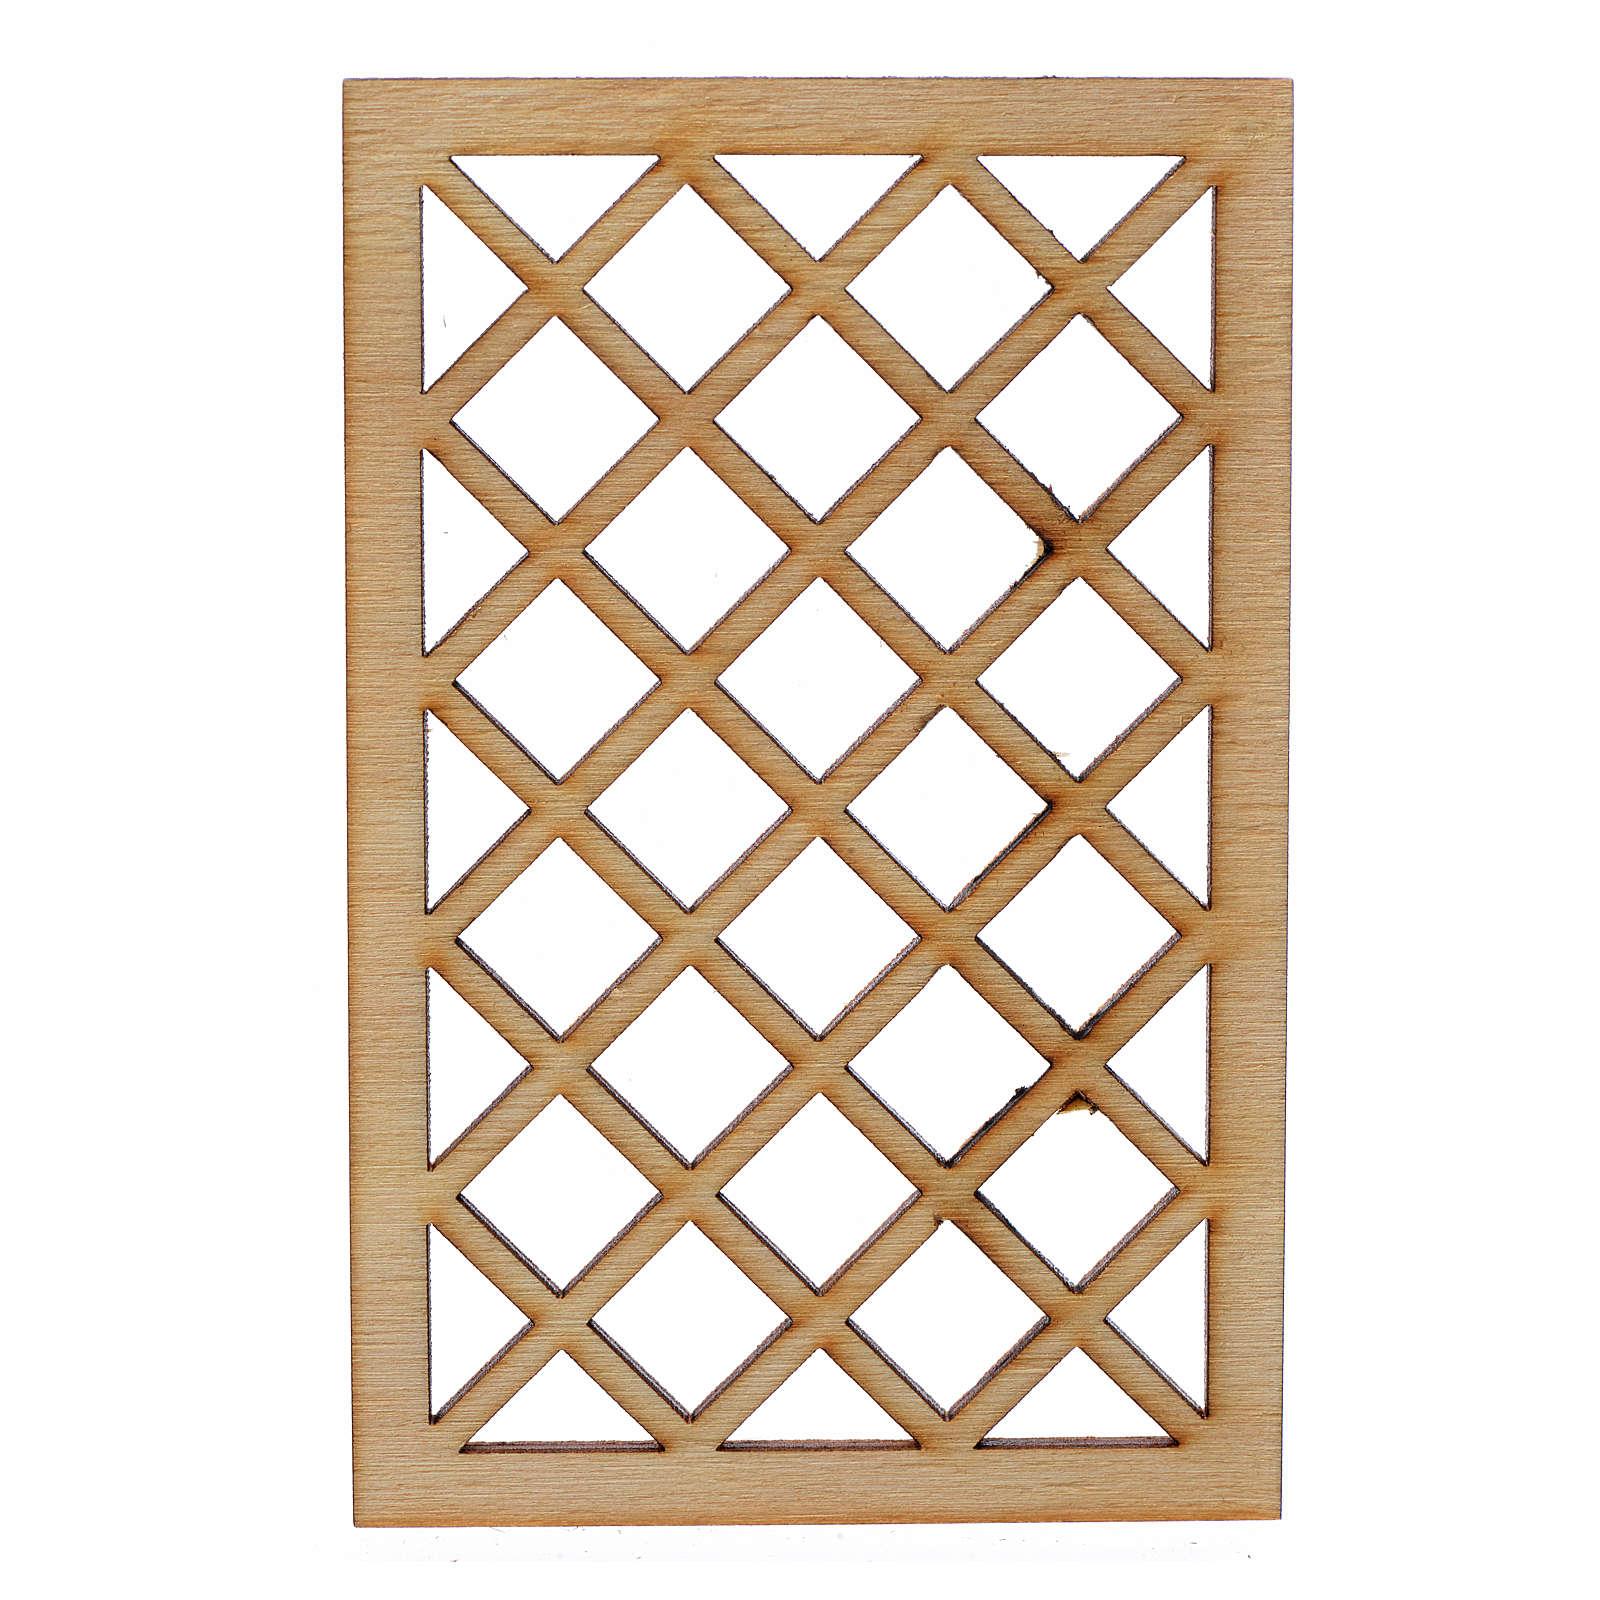 Grille de fenêtre en miniature pour crèche 9,5x6 4